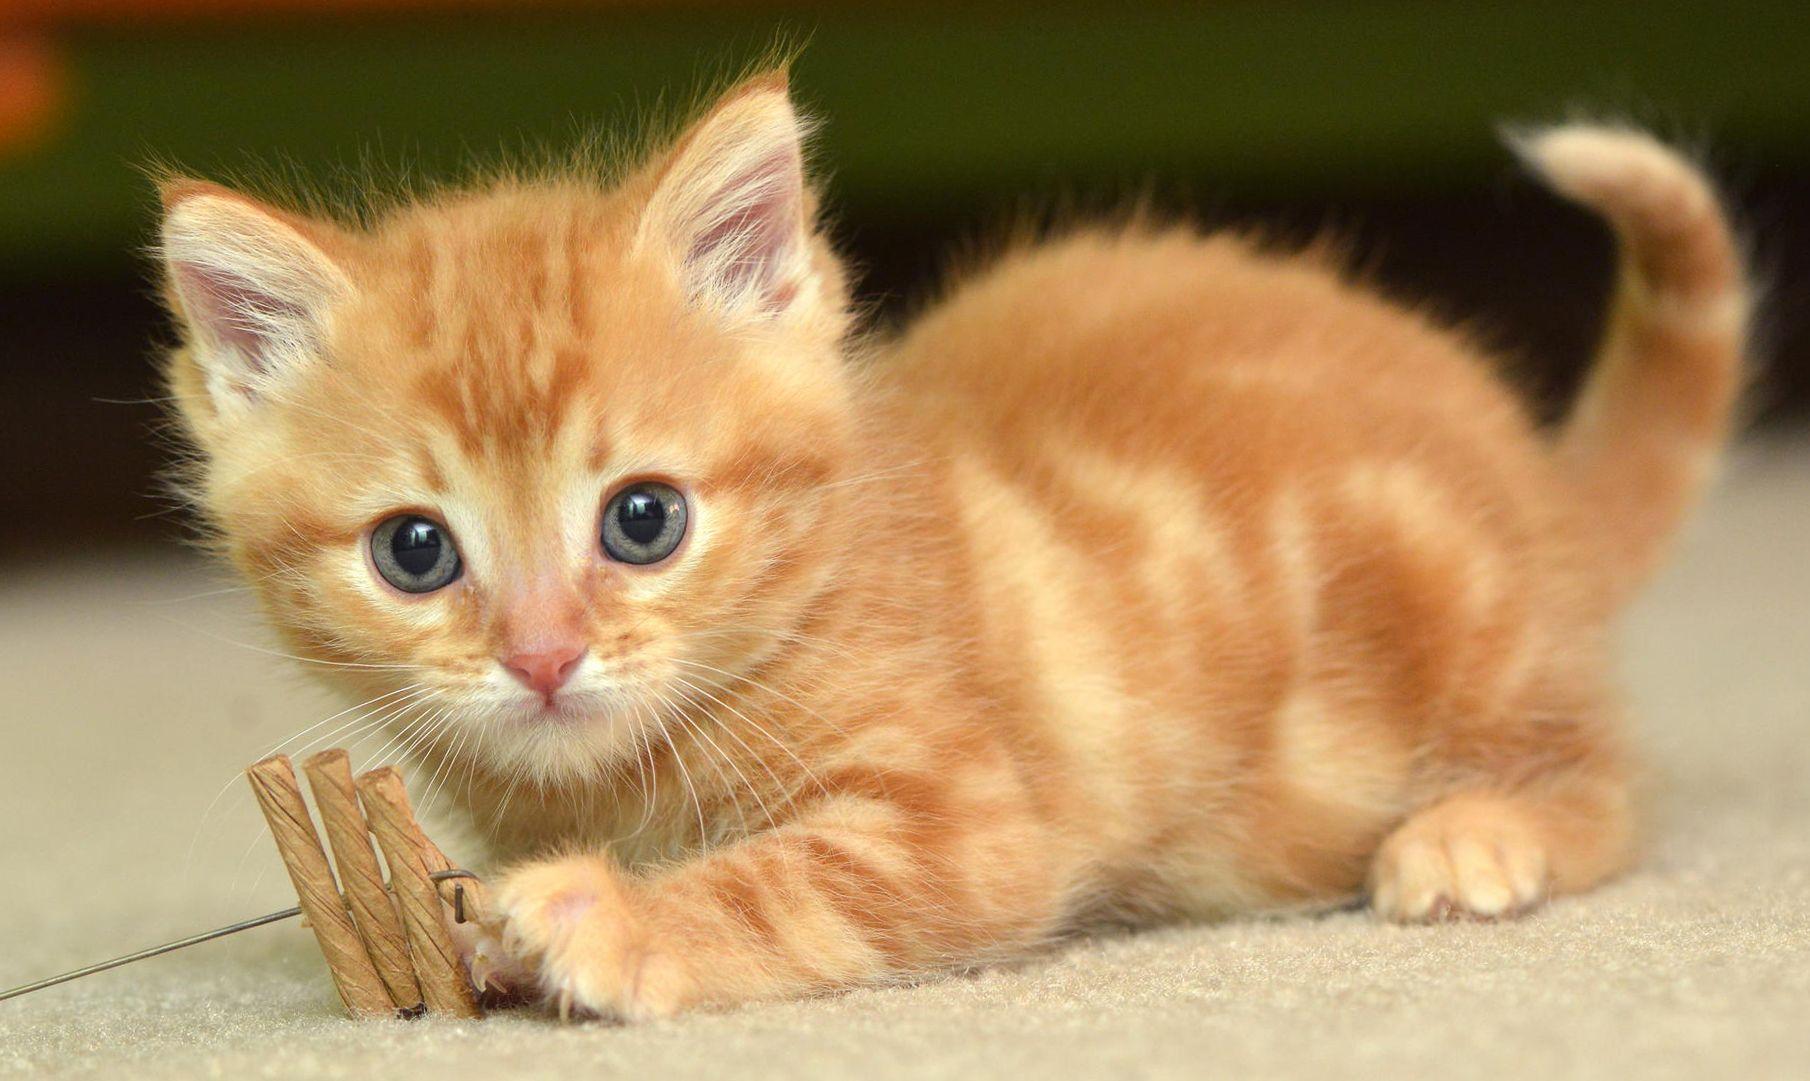 Animal Cat 1080x1920 Mobile Wallpaper Cute Cat Wallpaper Cute Baby Cats Beautiful Cats